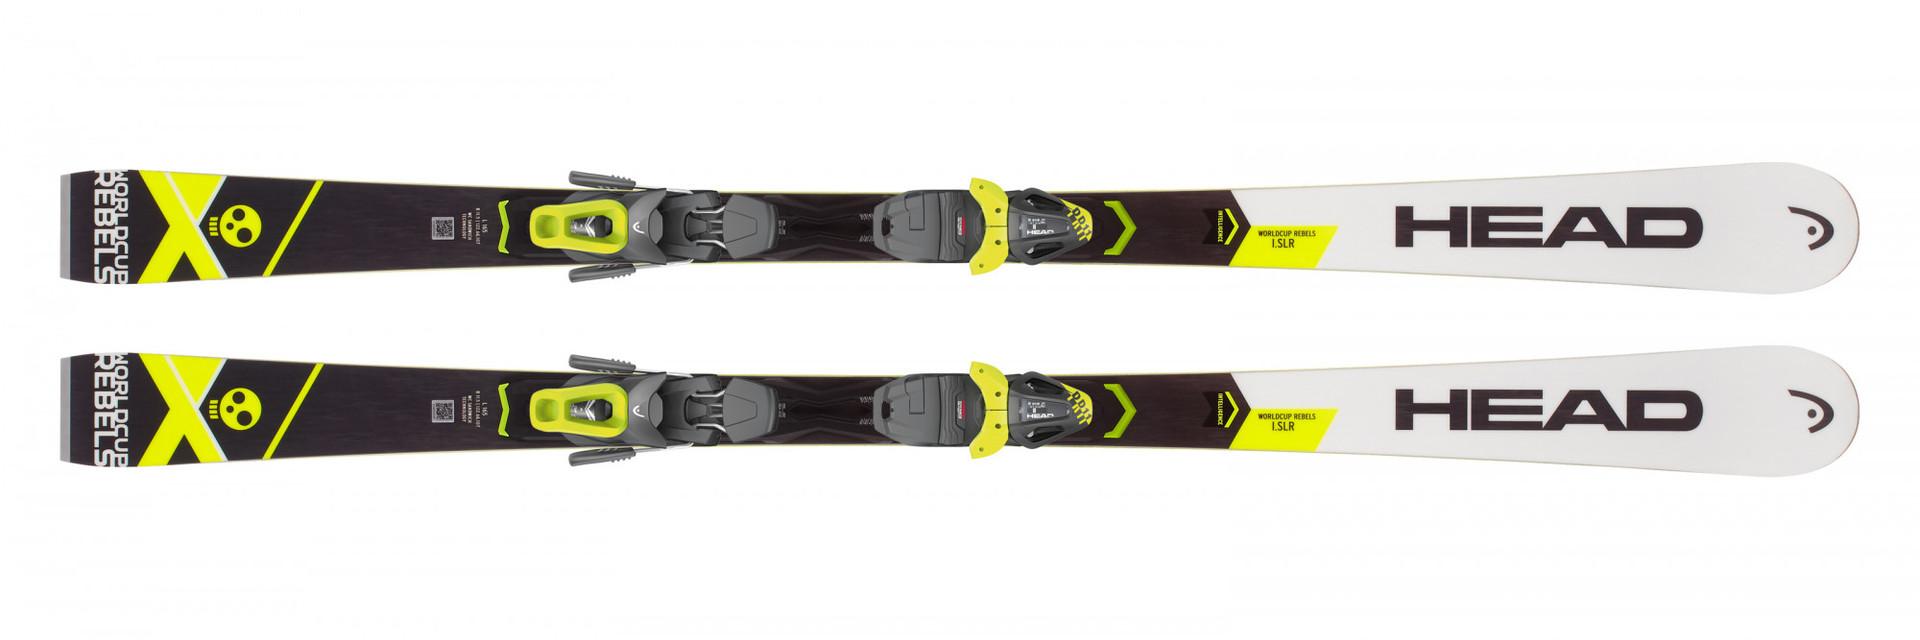 Горные лыжи Head WC Rebels i.SLR + Крепление PR 11 GW размер 155 (2019)